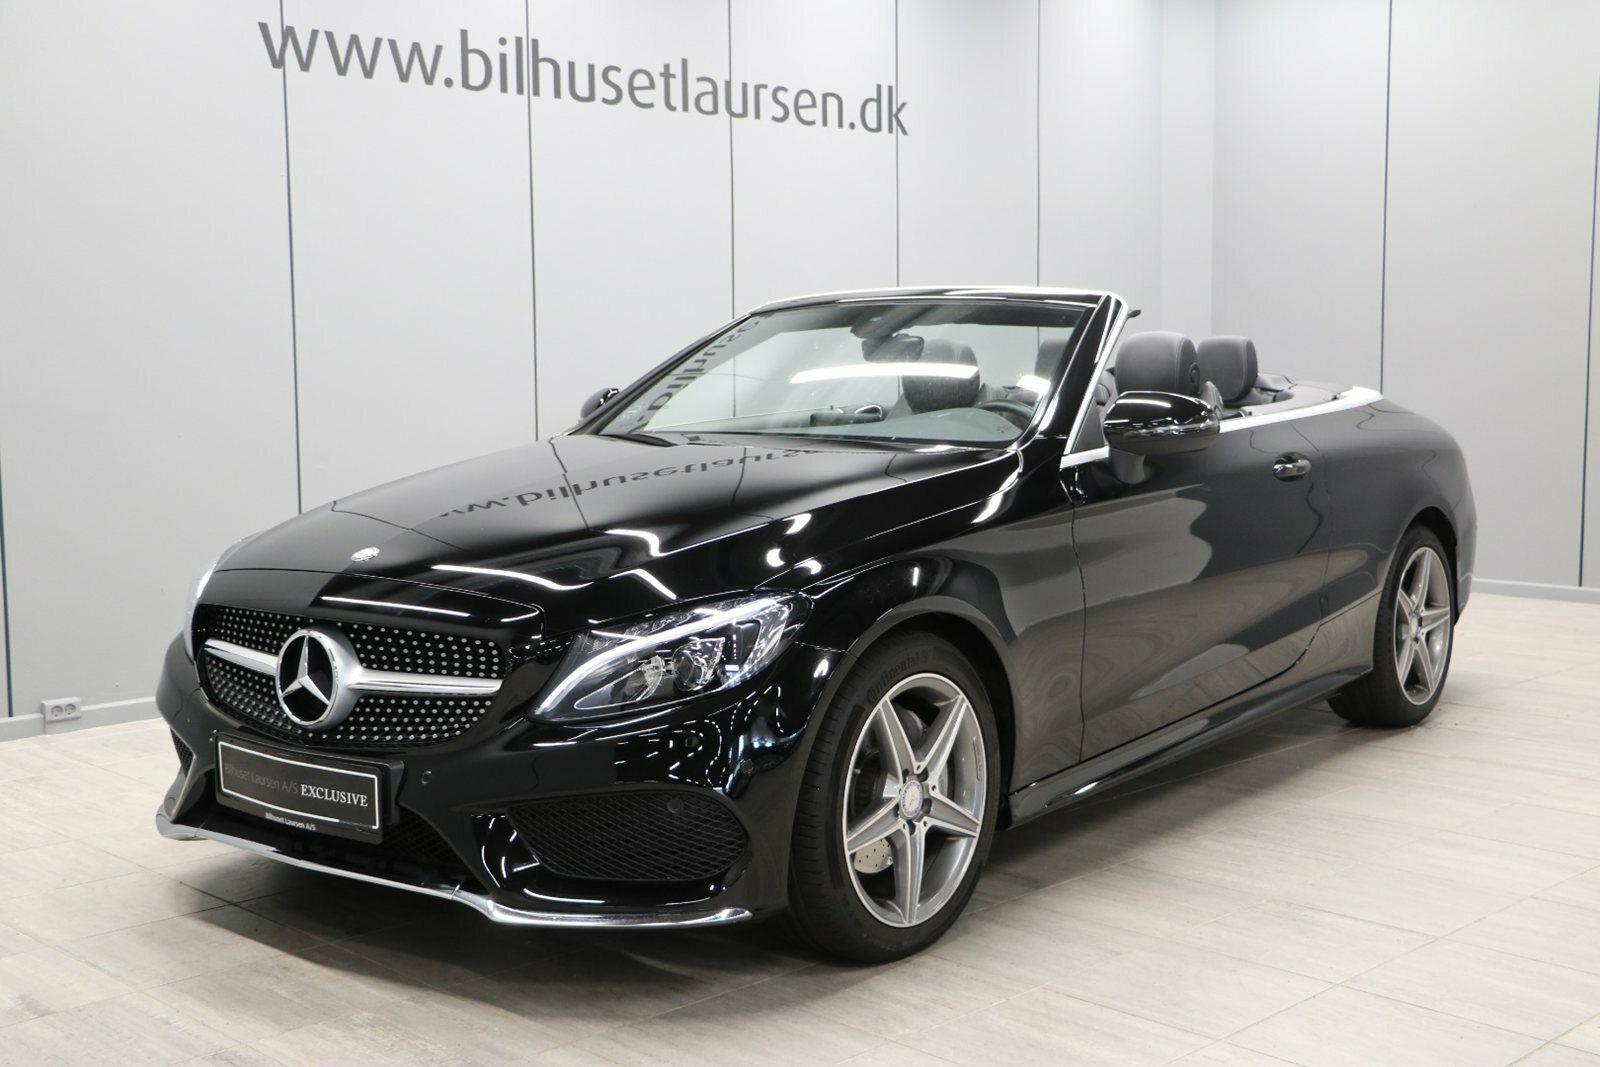 Mercedes C200 2,0 AMG Line Cabriolet aut. 2d - 614.900 kr.